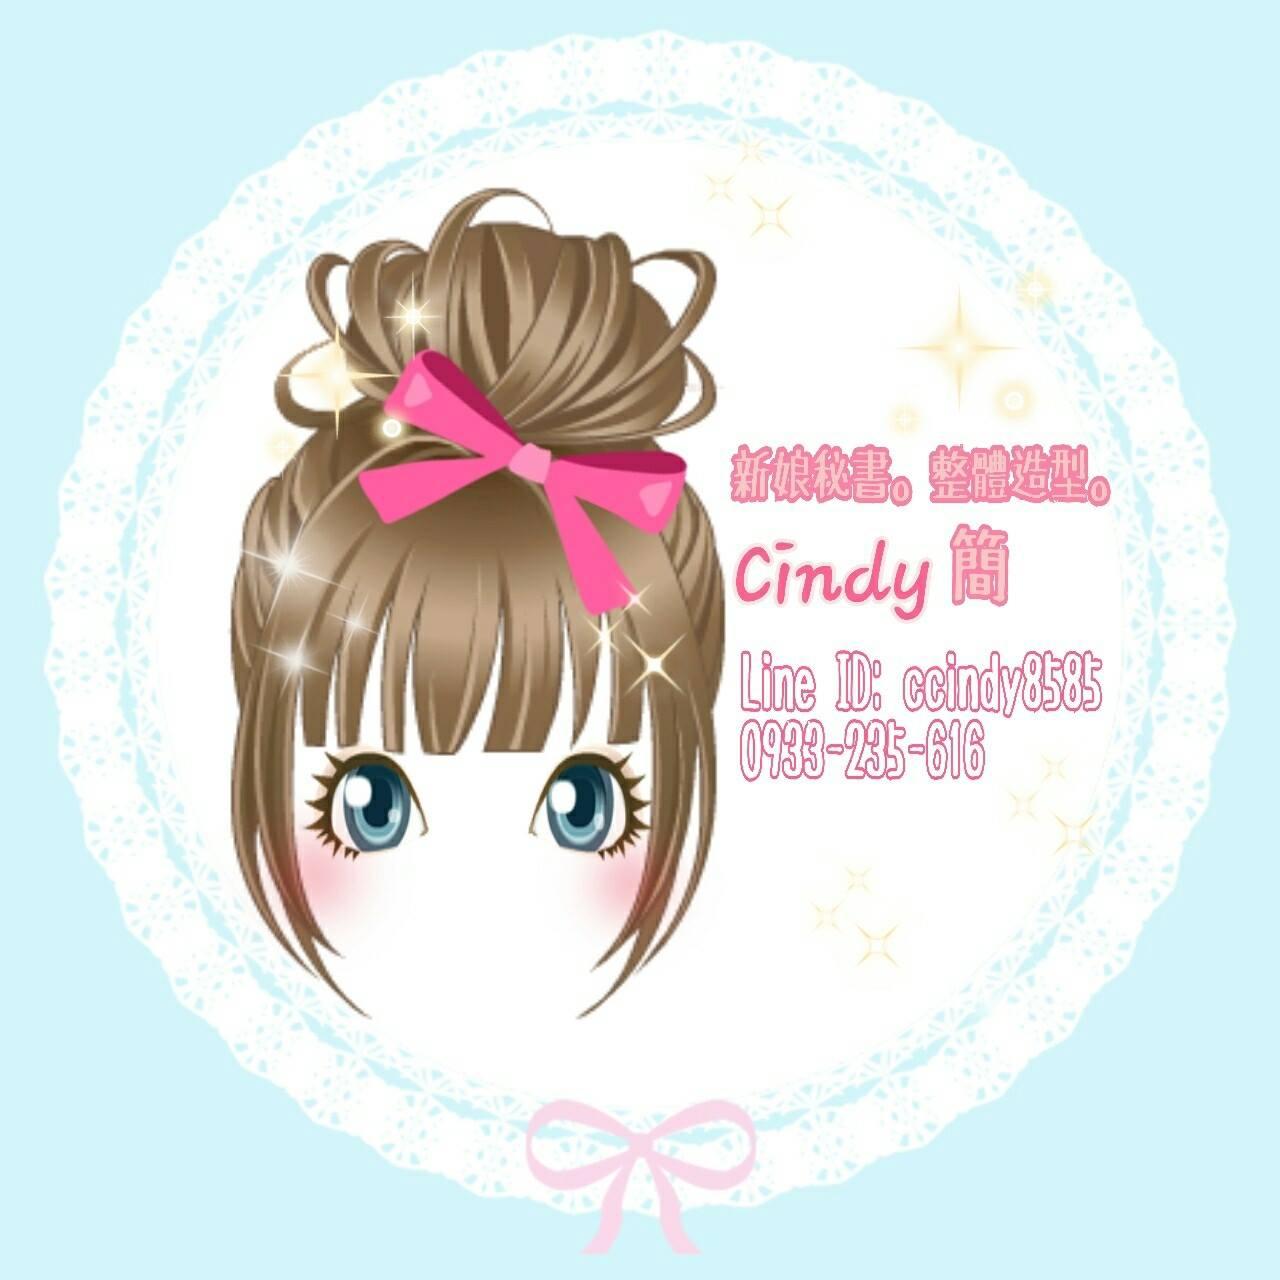 Cindy 簡